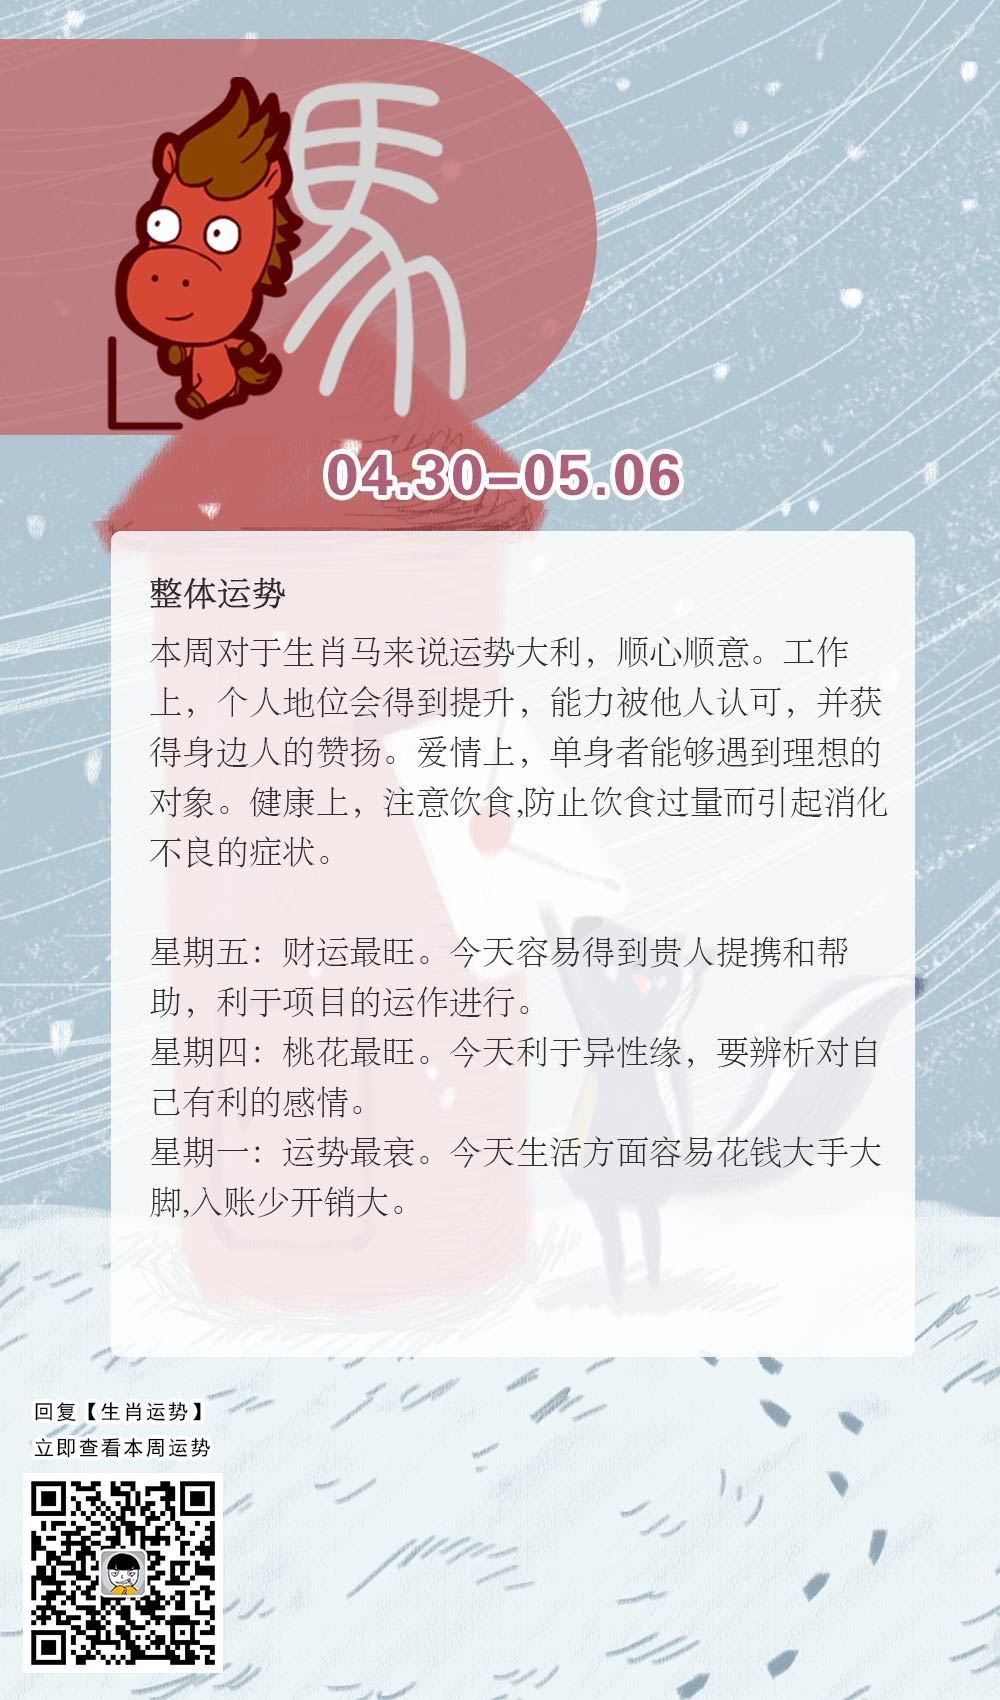 生肖马本周运势【2018.04.30-05.06】